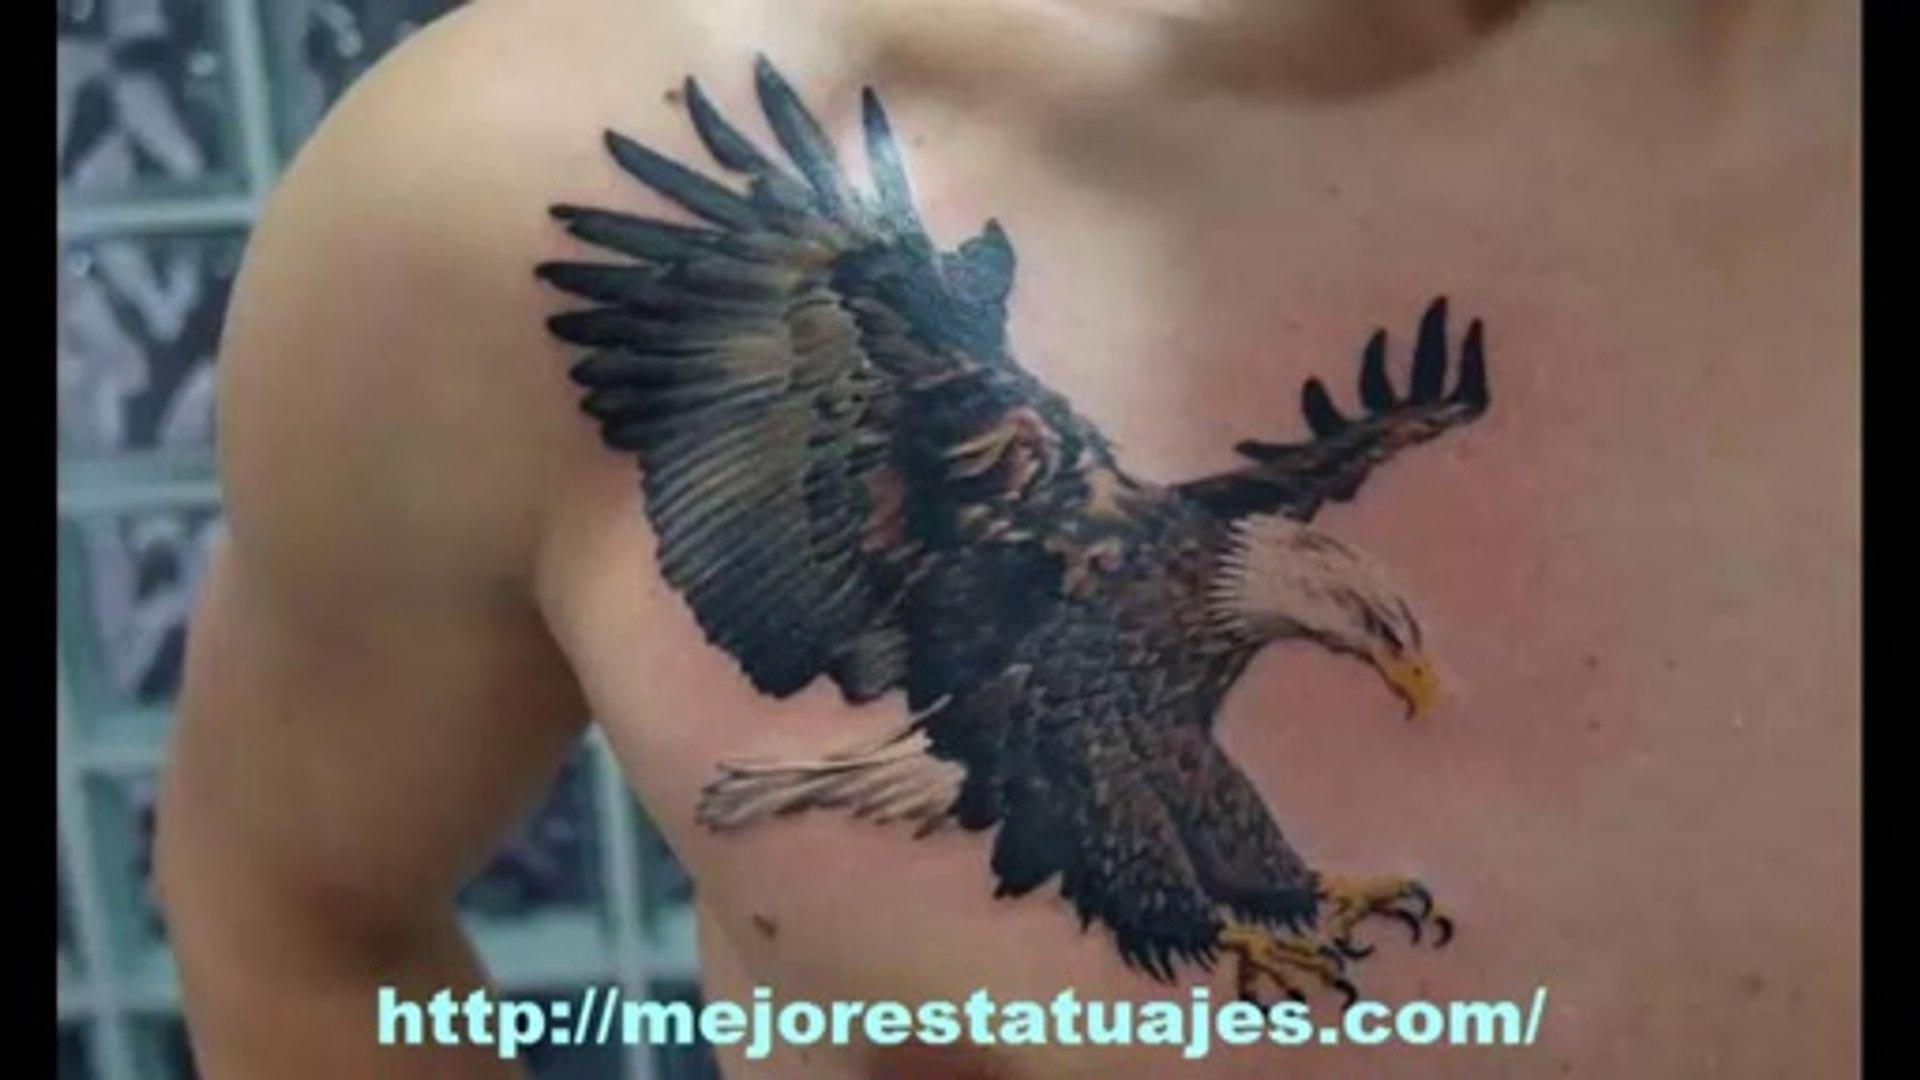 Aguila En La Espalda tatuajes de aguilas en el pecho